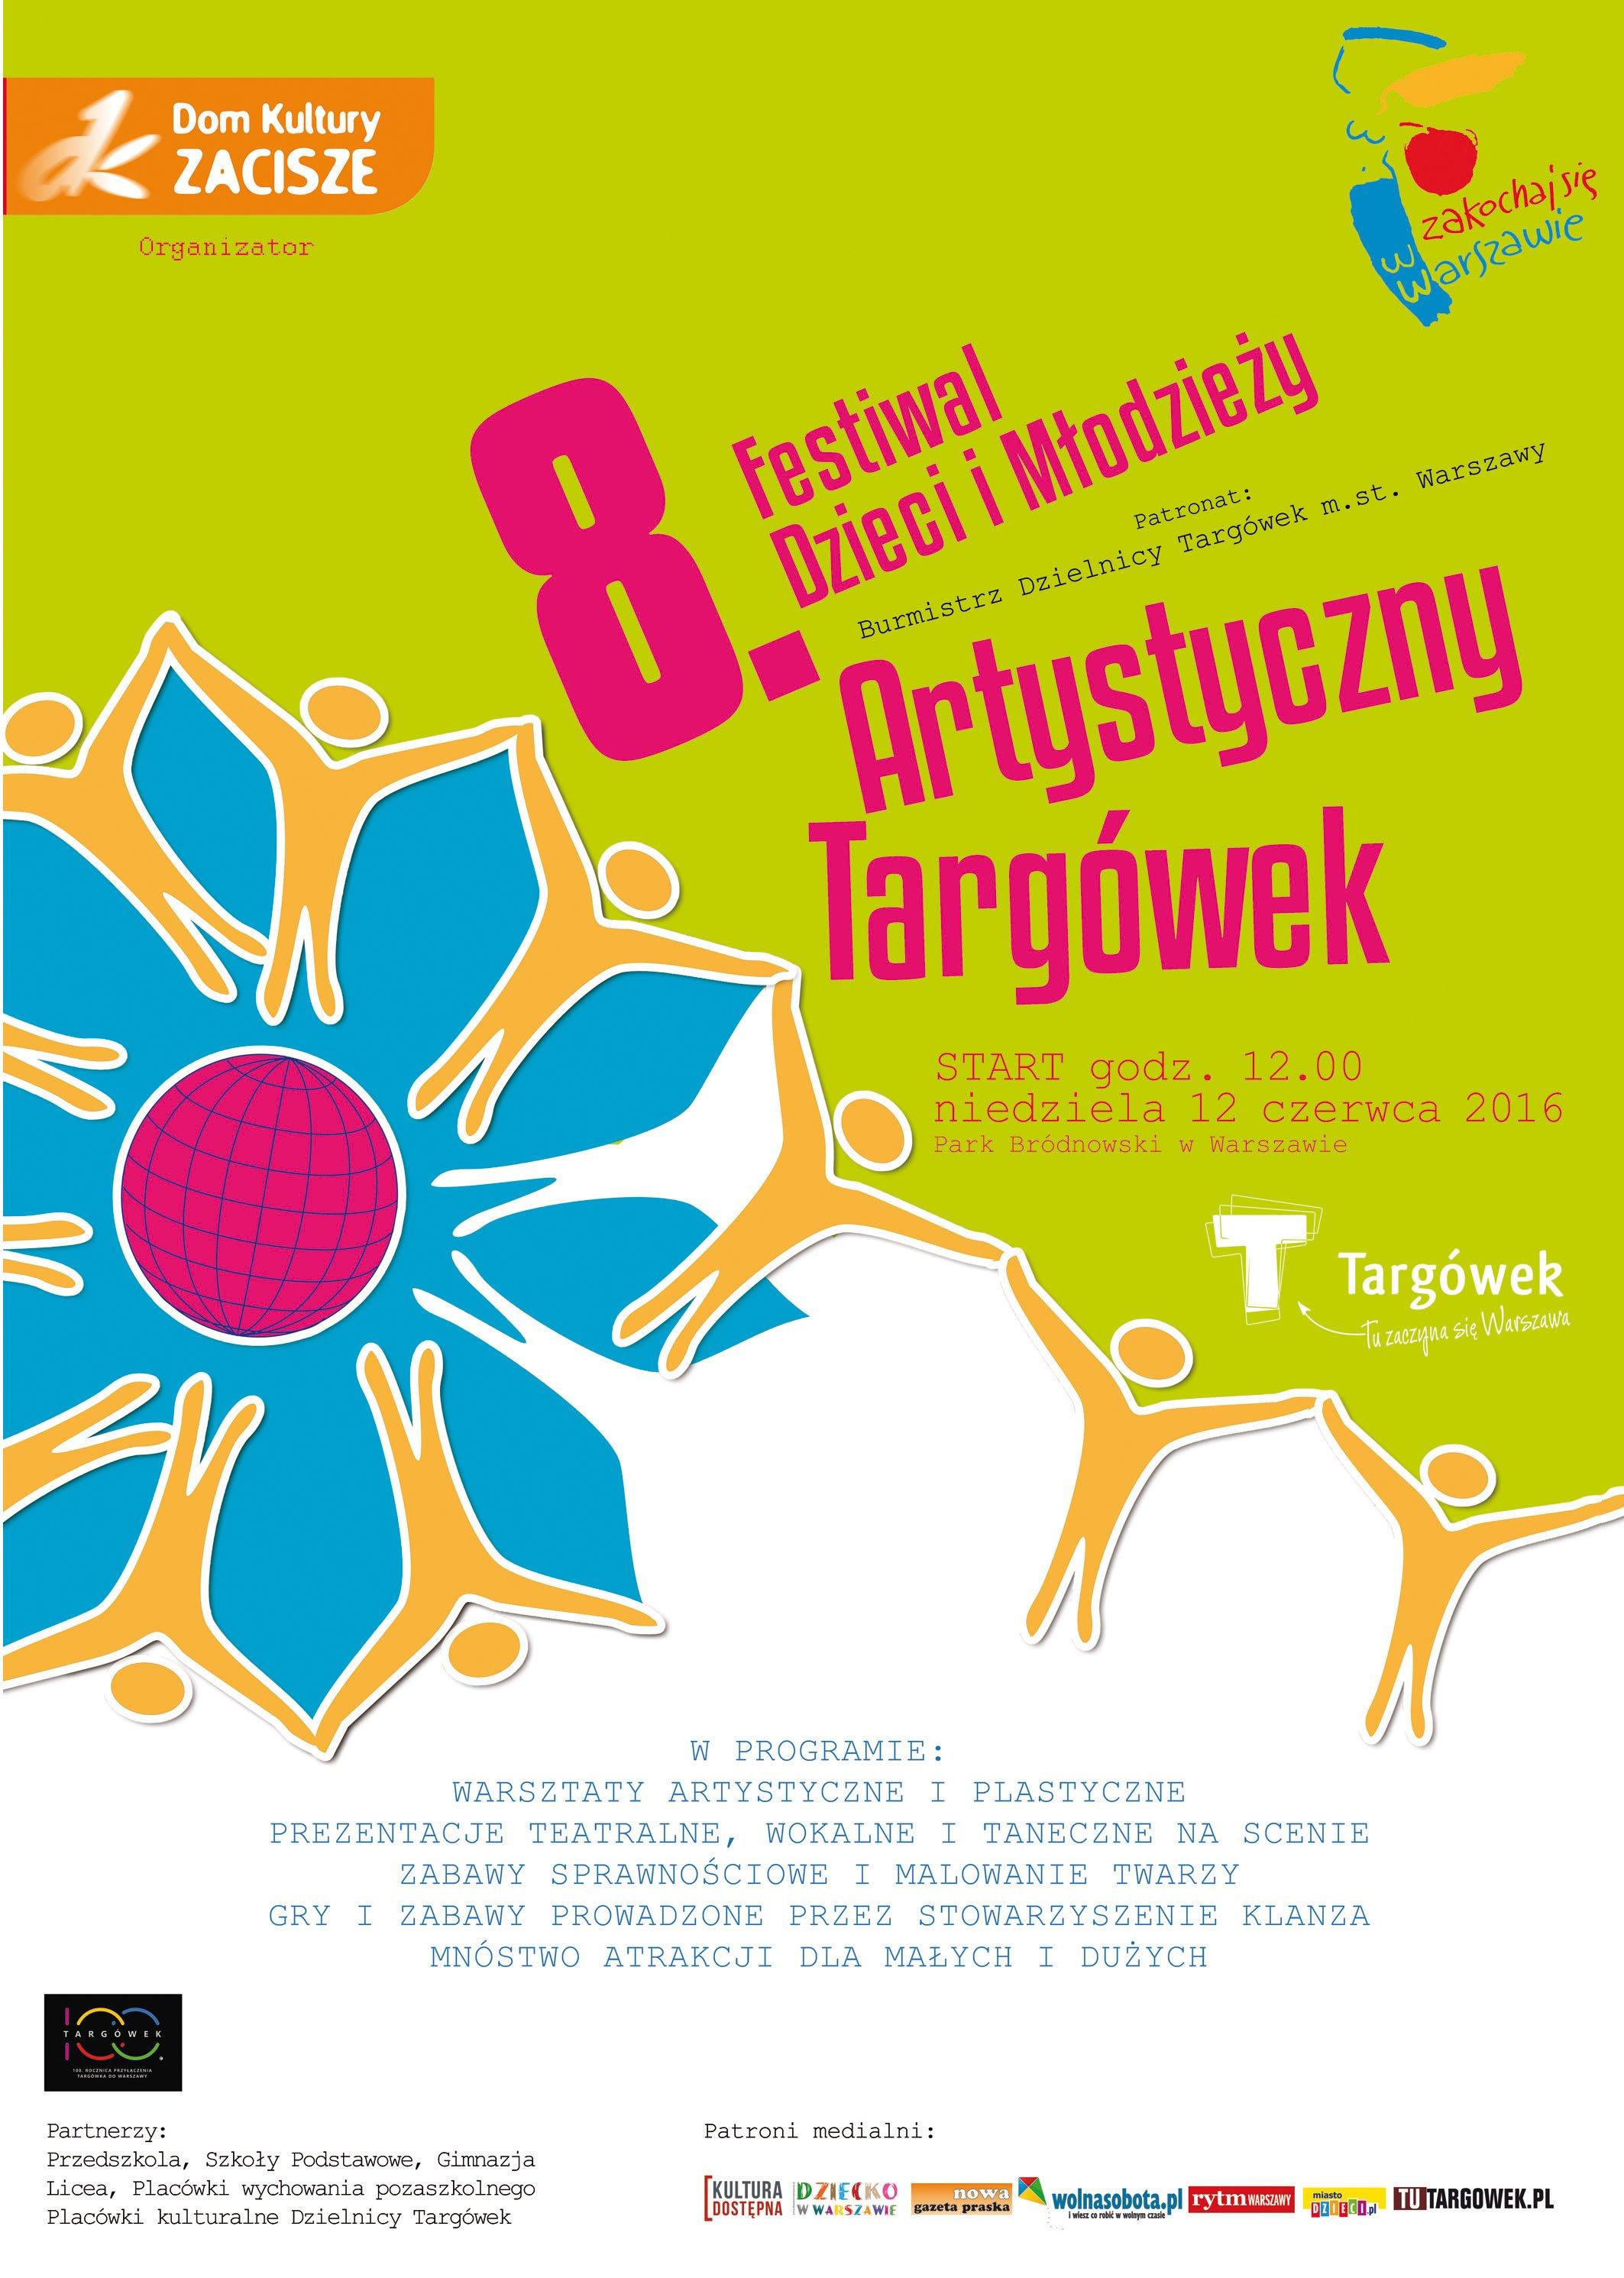 8.Festiwal Dzieci i Młodzieży Artystyczny Targówek